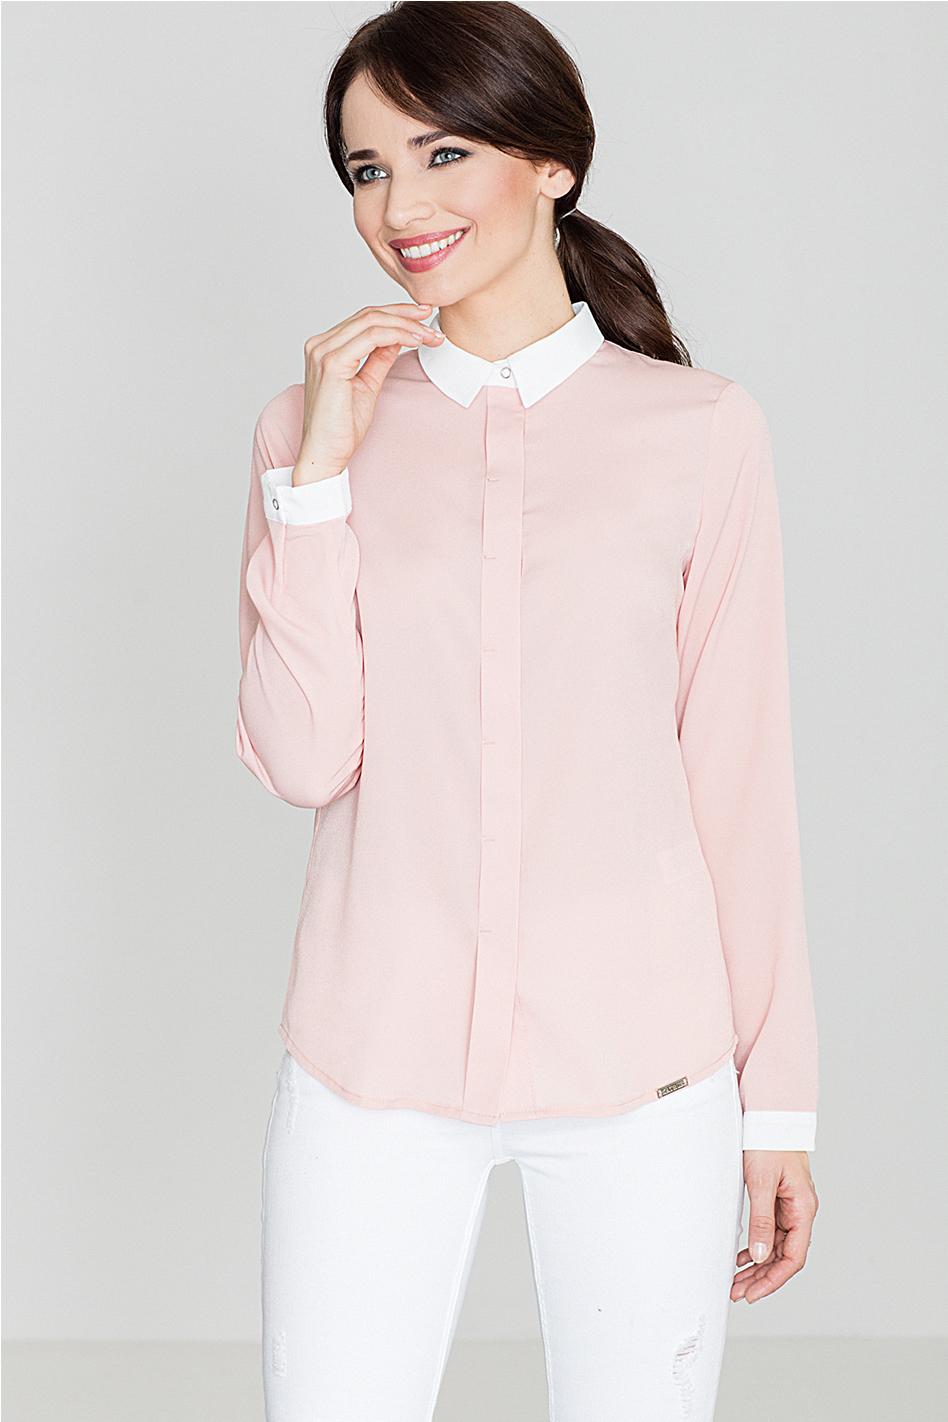 Ružová košeľa K275